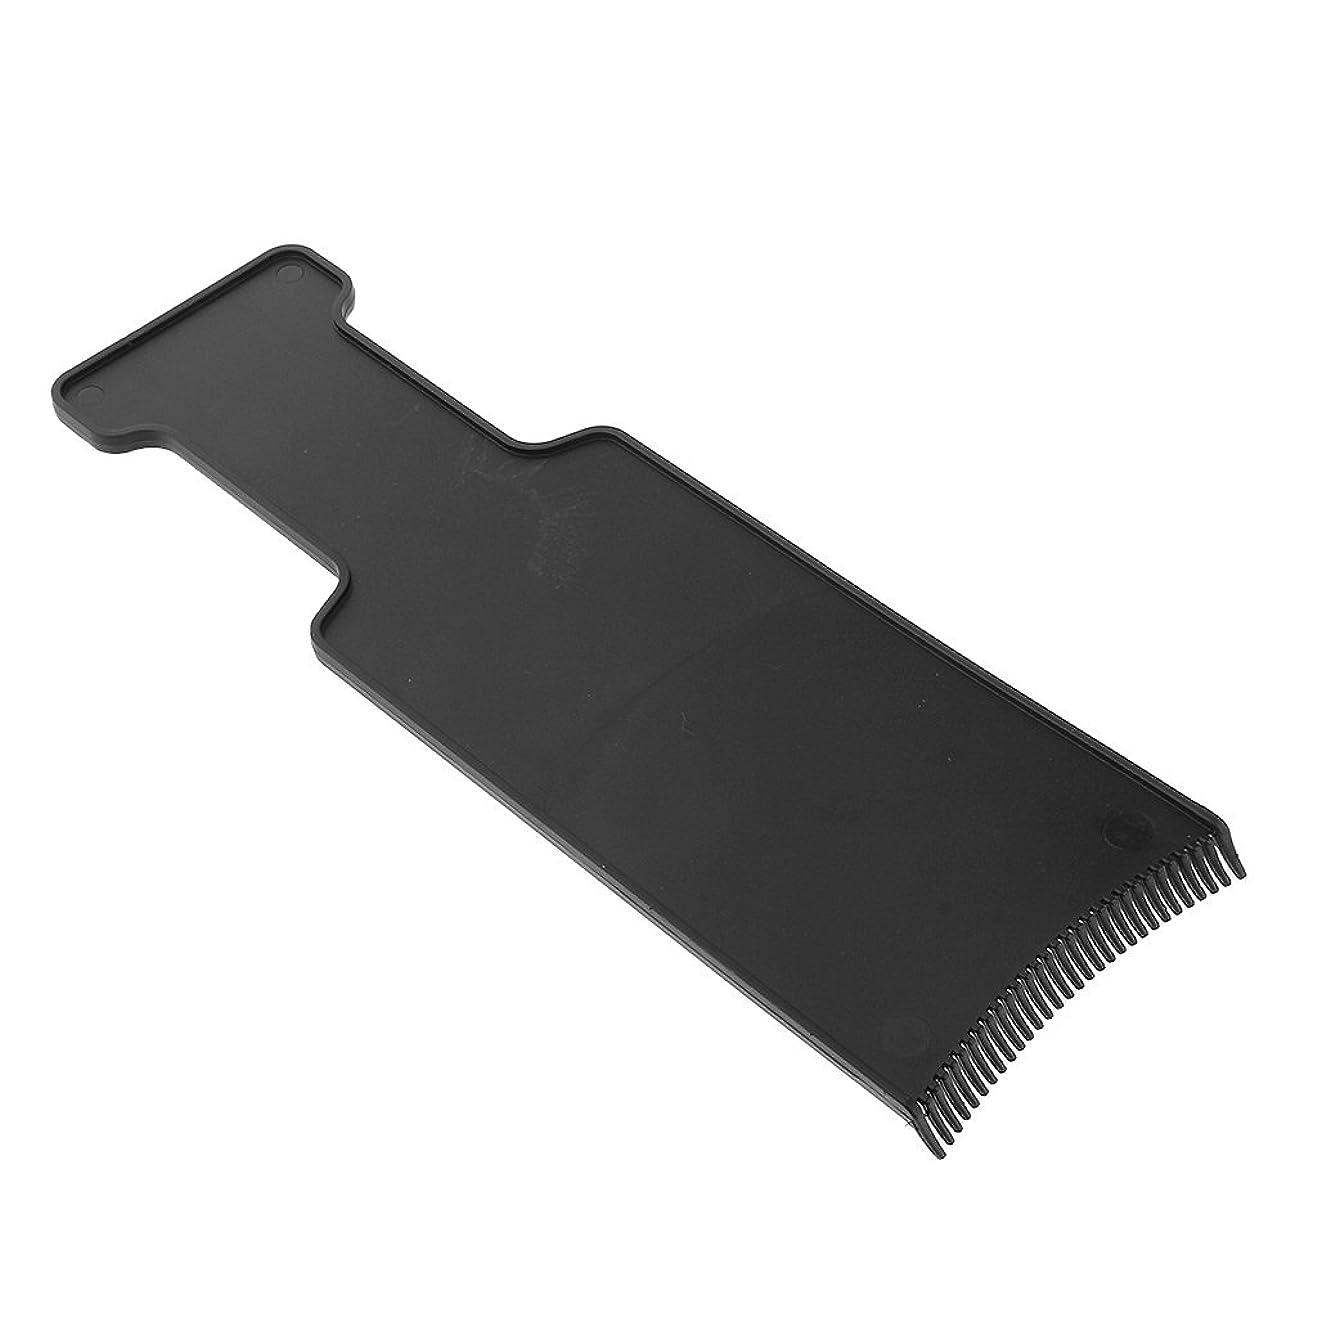 アンケート最高オーガニックKesoto サロン ヘアカラー ボード ヘアカラーティント 美容 ヘア ツール 髪 保護 ブラック 全4サイズ - M